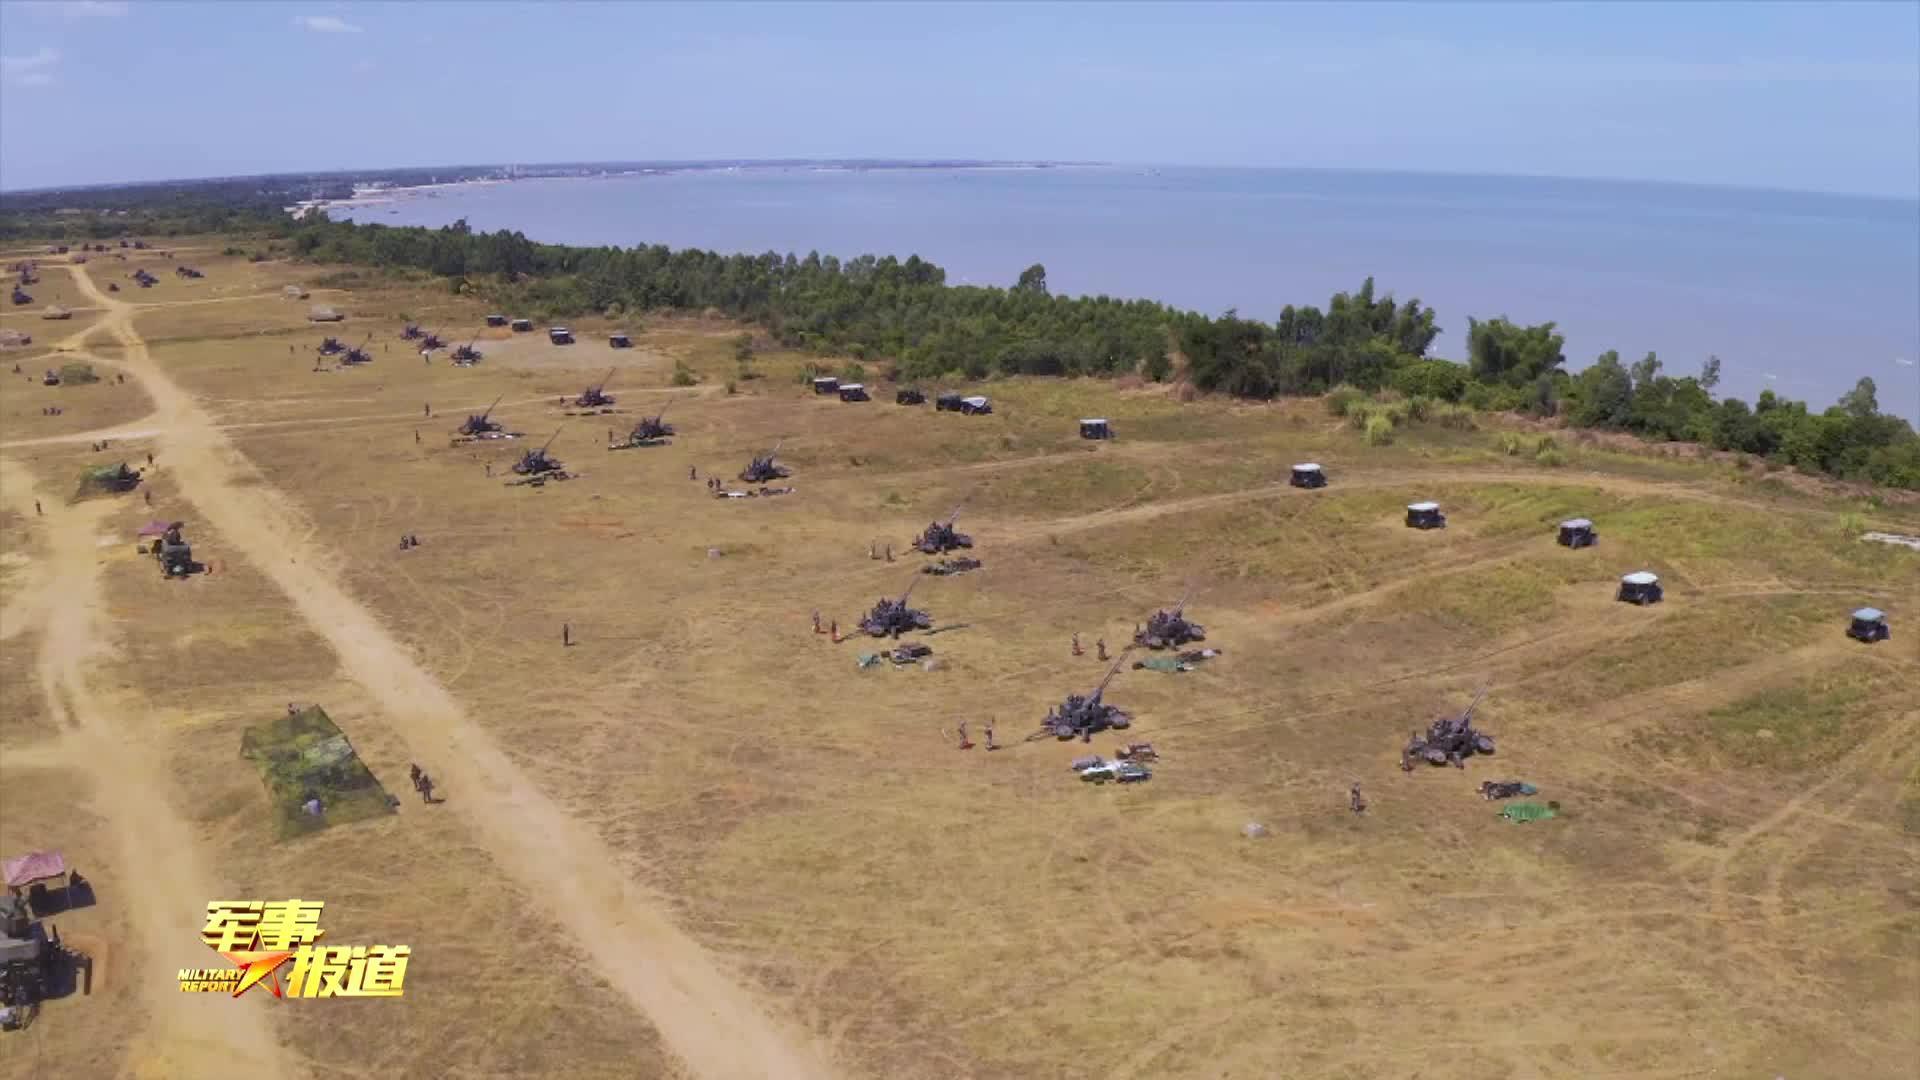 第74集团军某旅 把打仗思维贯穿到每一个战位